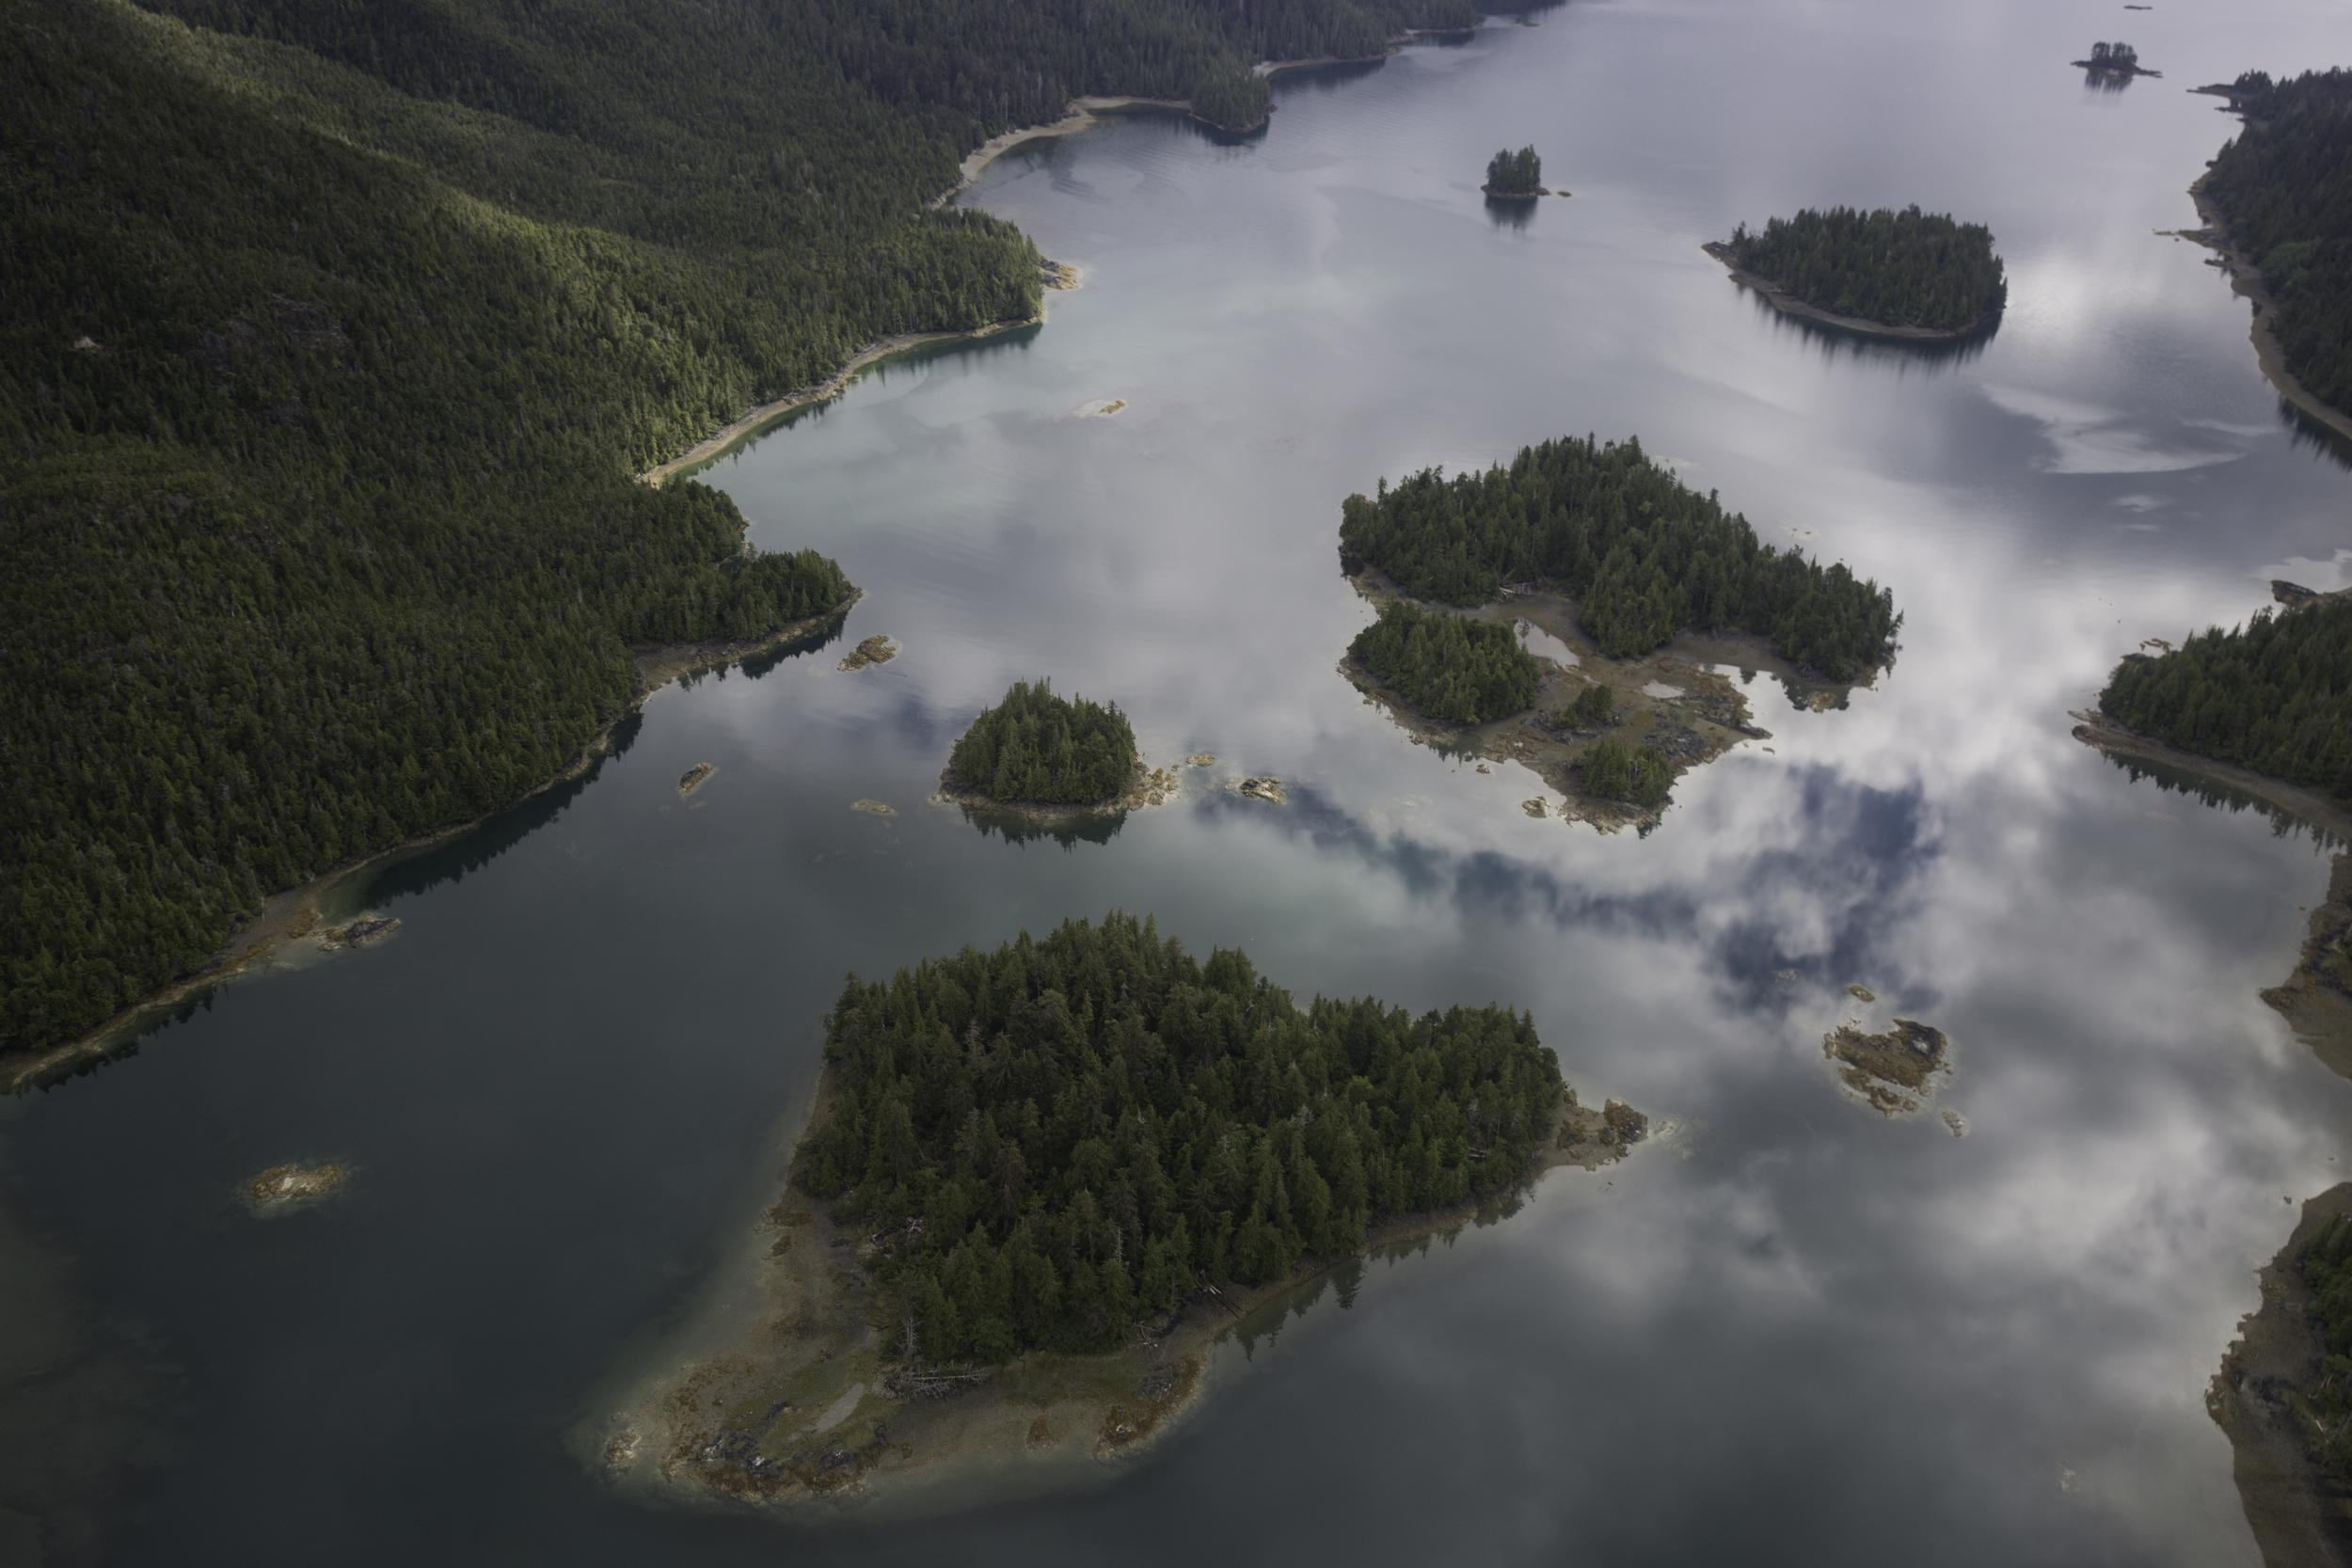 Flying over Gwaii Haanas, Haida Gwaii